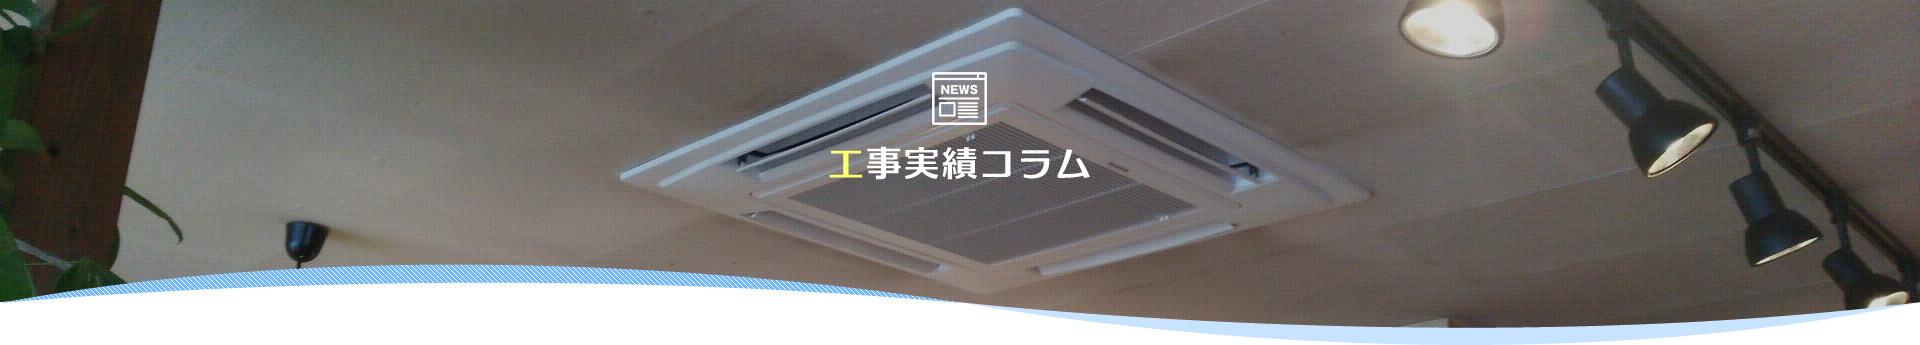 ルームエアコン開発の歴史 | エアコンアシスト福岡